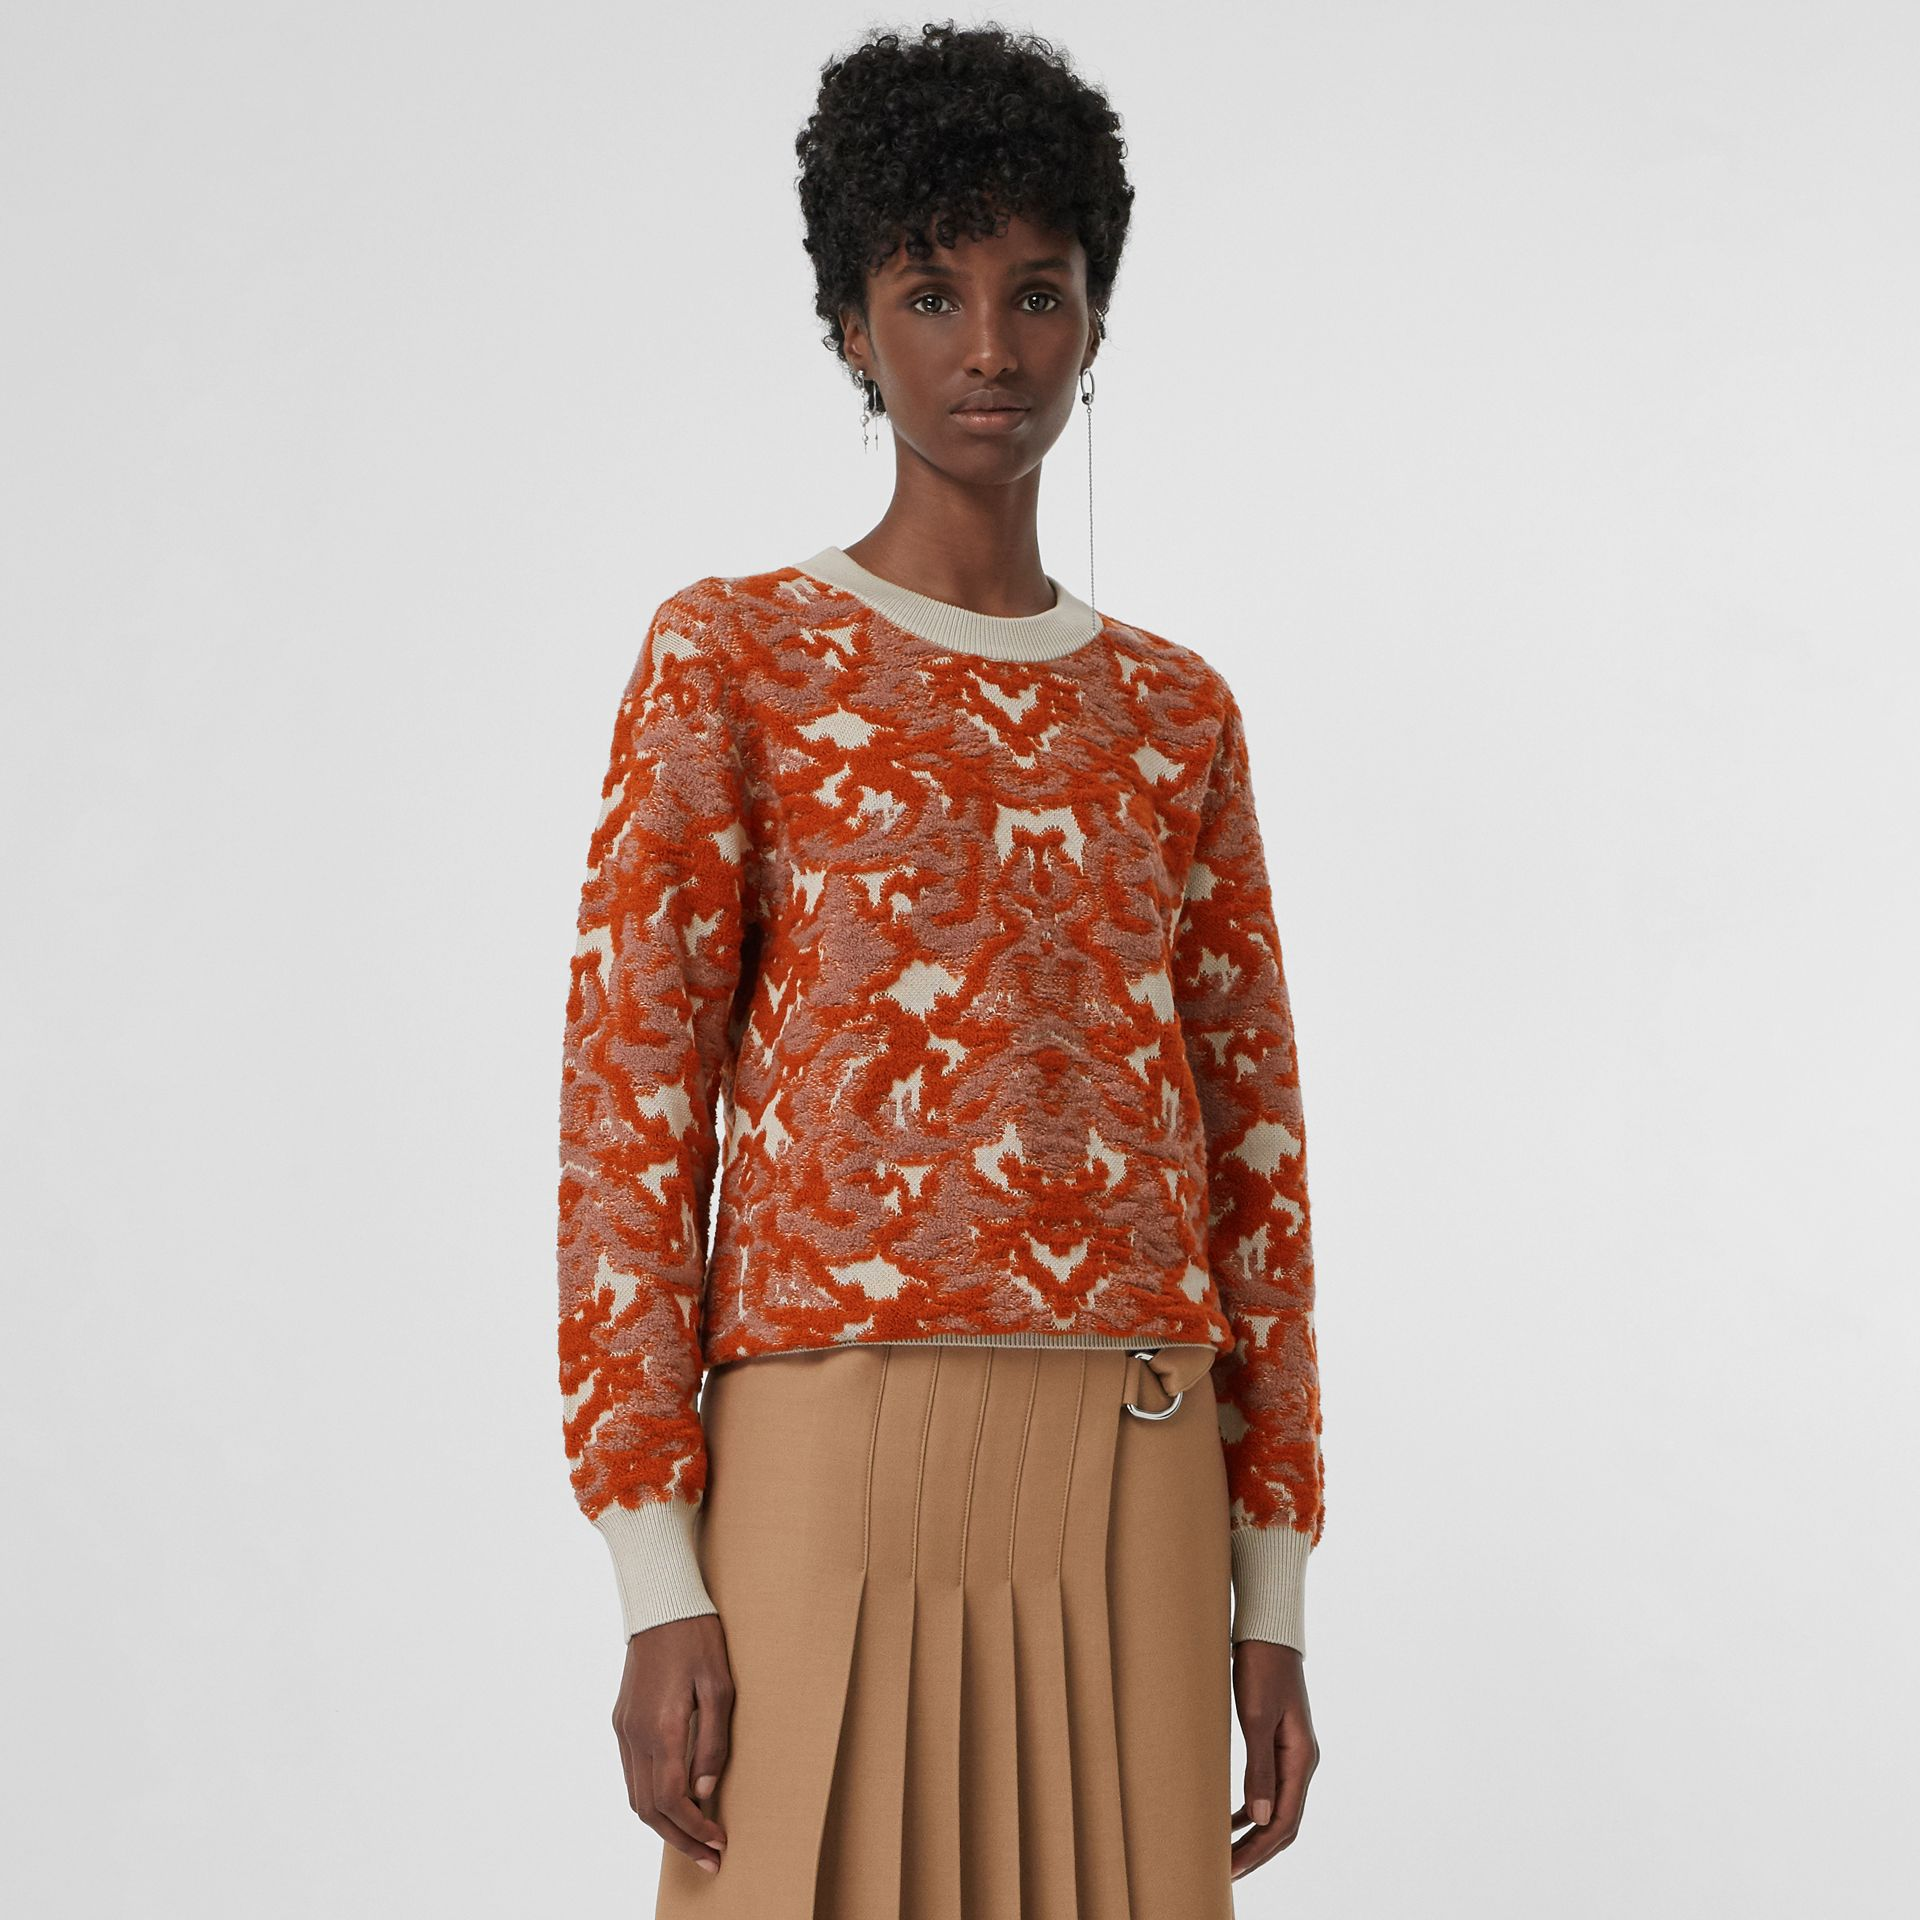 ダマスクウール シルクジャカード セーター (ピンクアゼリア) - ウィメンズ | バーバリー - ギャラリーイメージ 4